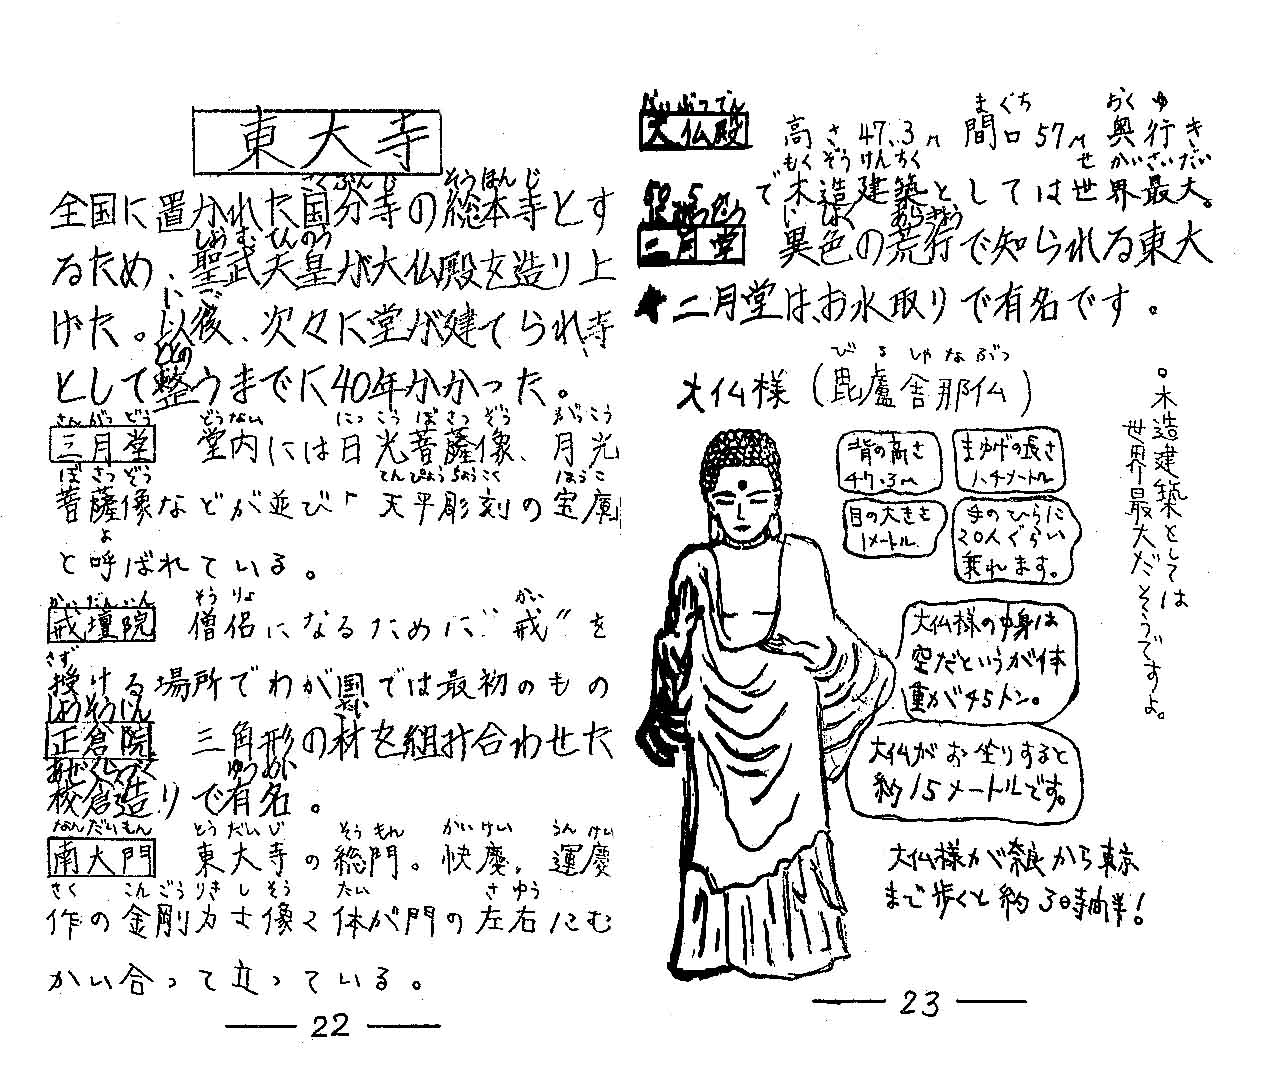 修学旅行_16 コピー